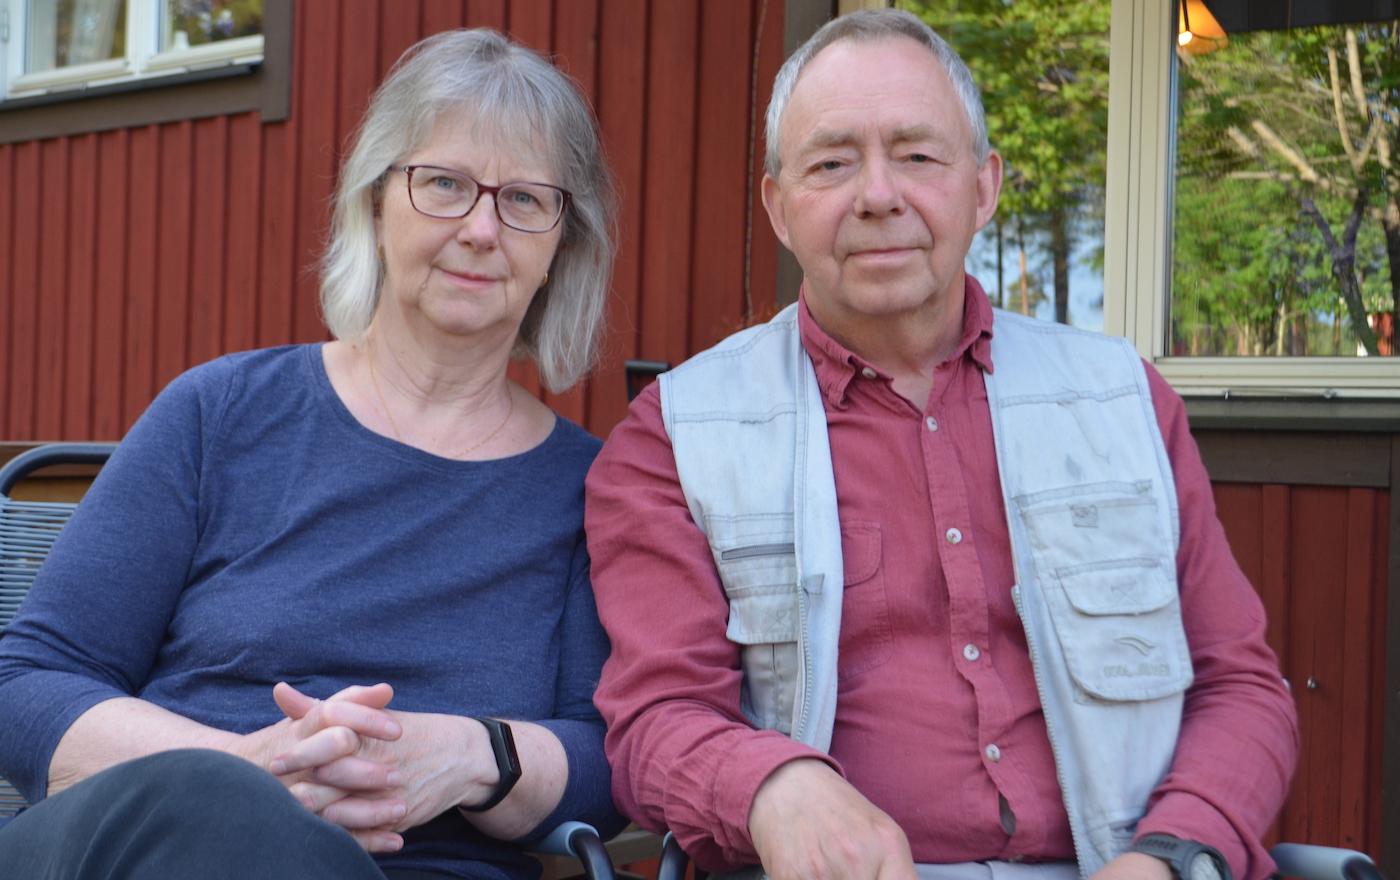 Extrainsatt: Spelmanssafari i Orsa med Olle och Birgitta Moraeus